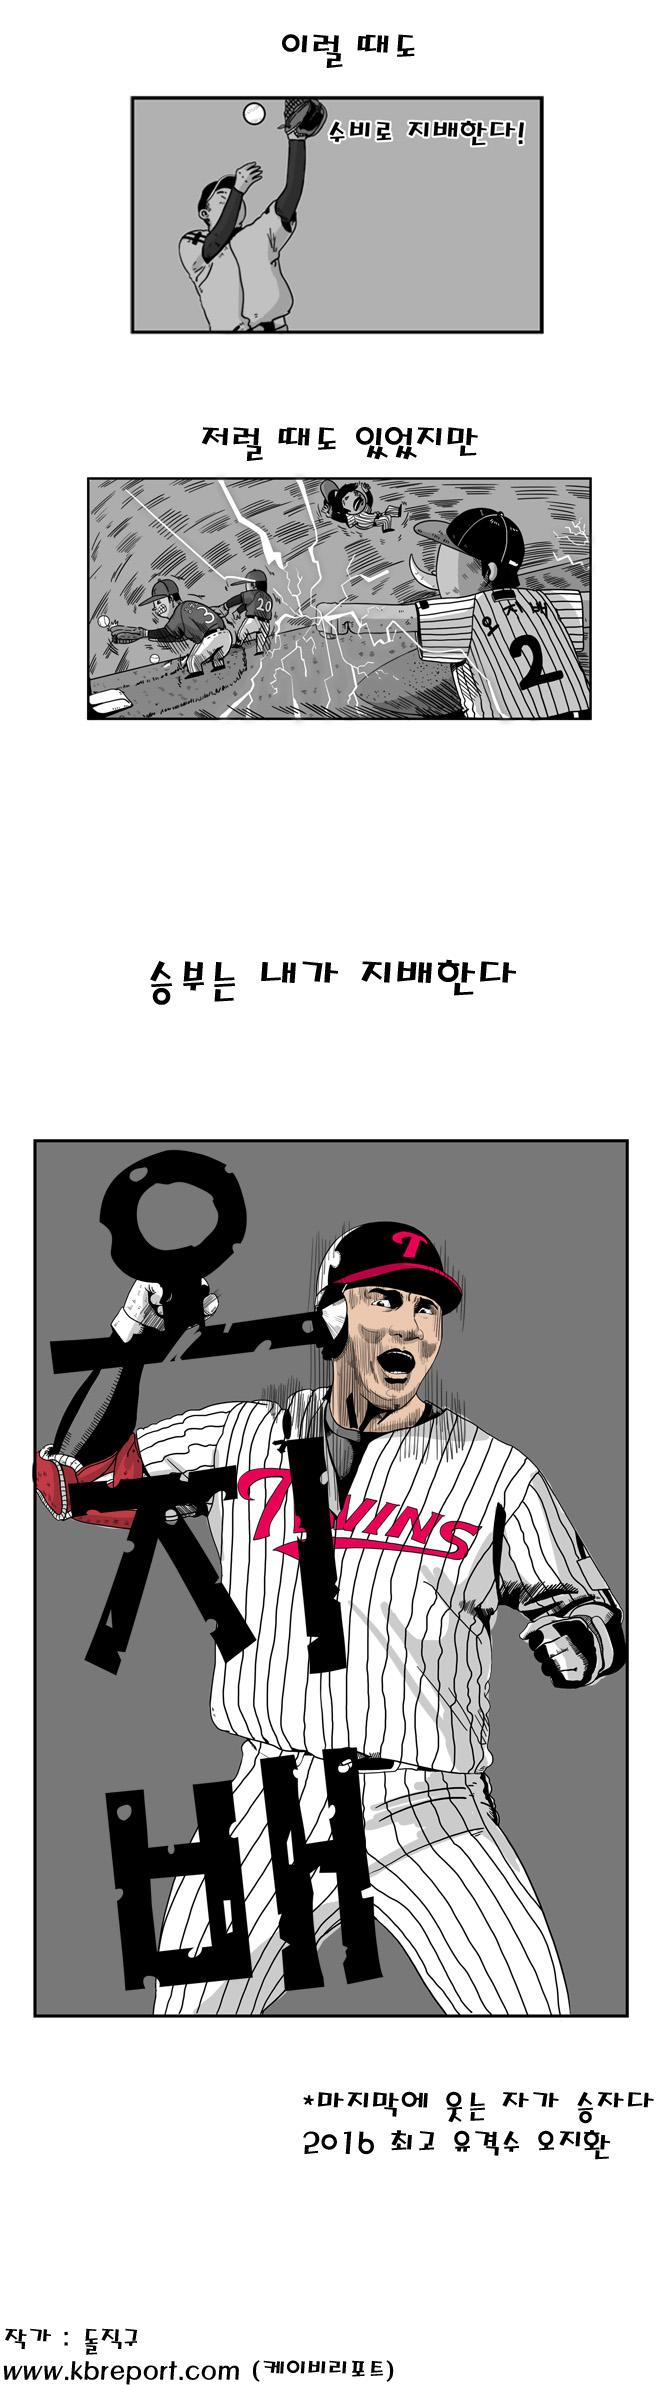 프로야구 야매카툰(10/18) '진짜 지배자' 오지환